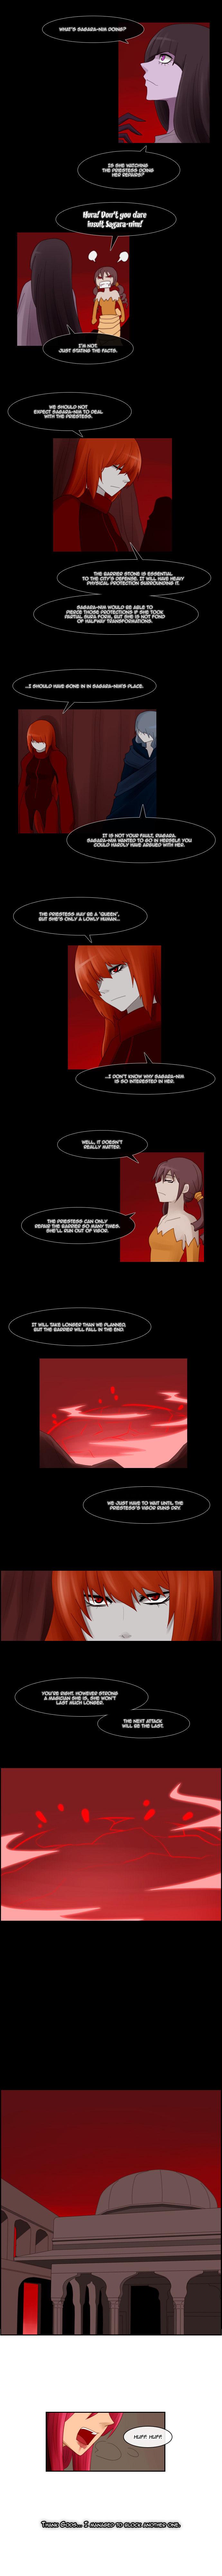 Kubera 71 Page 2